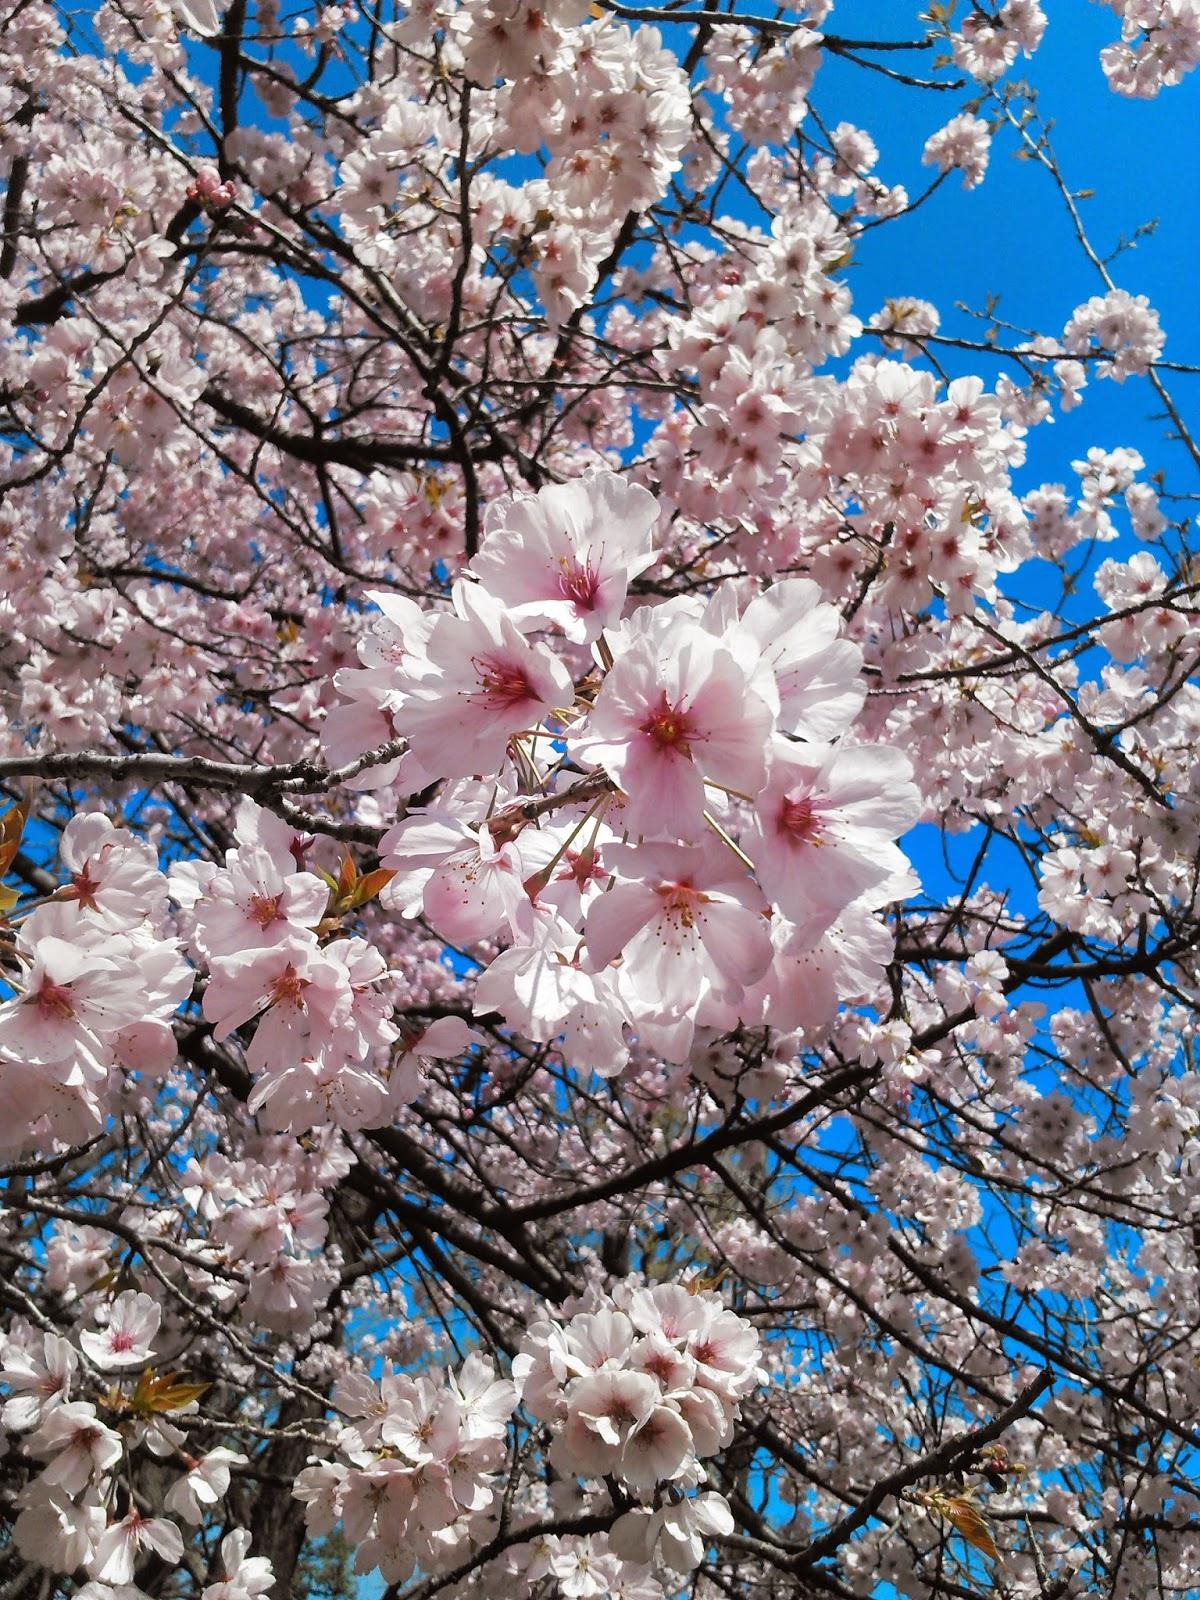 桜満開です。晴天。Tokyo Sakura @ Hanegi-Park Ume-gaoka